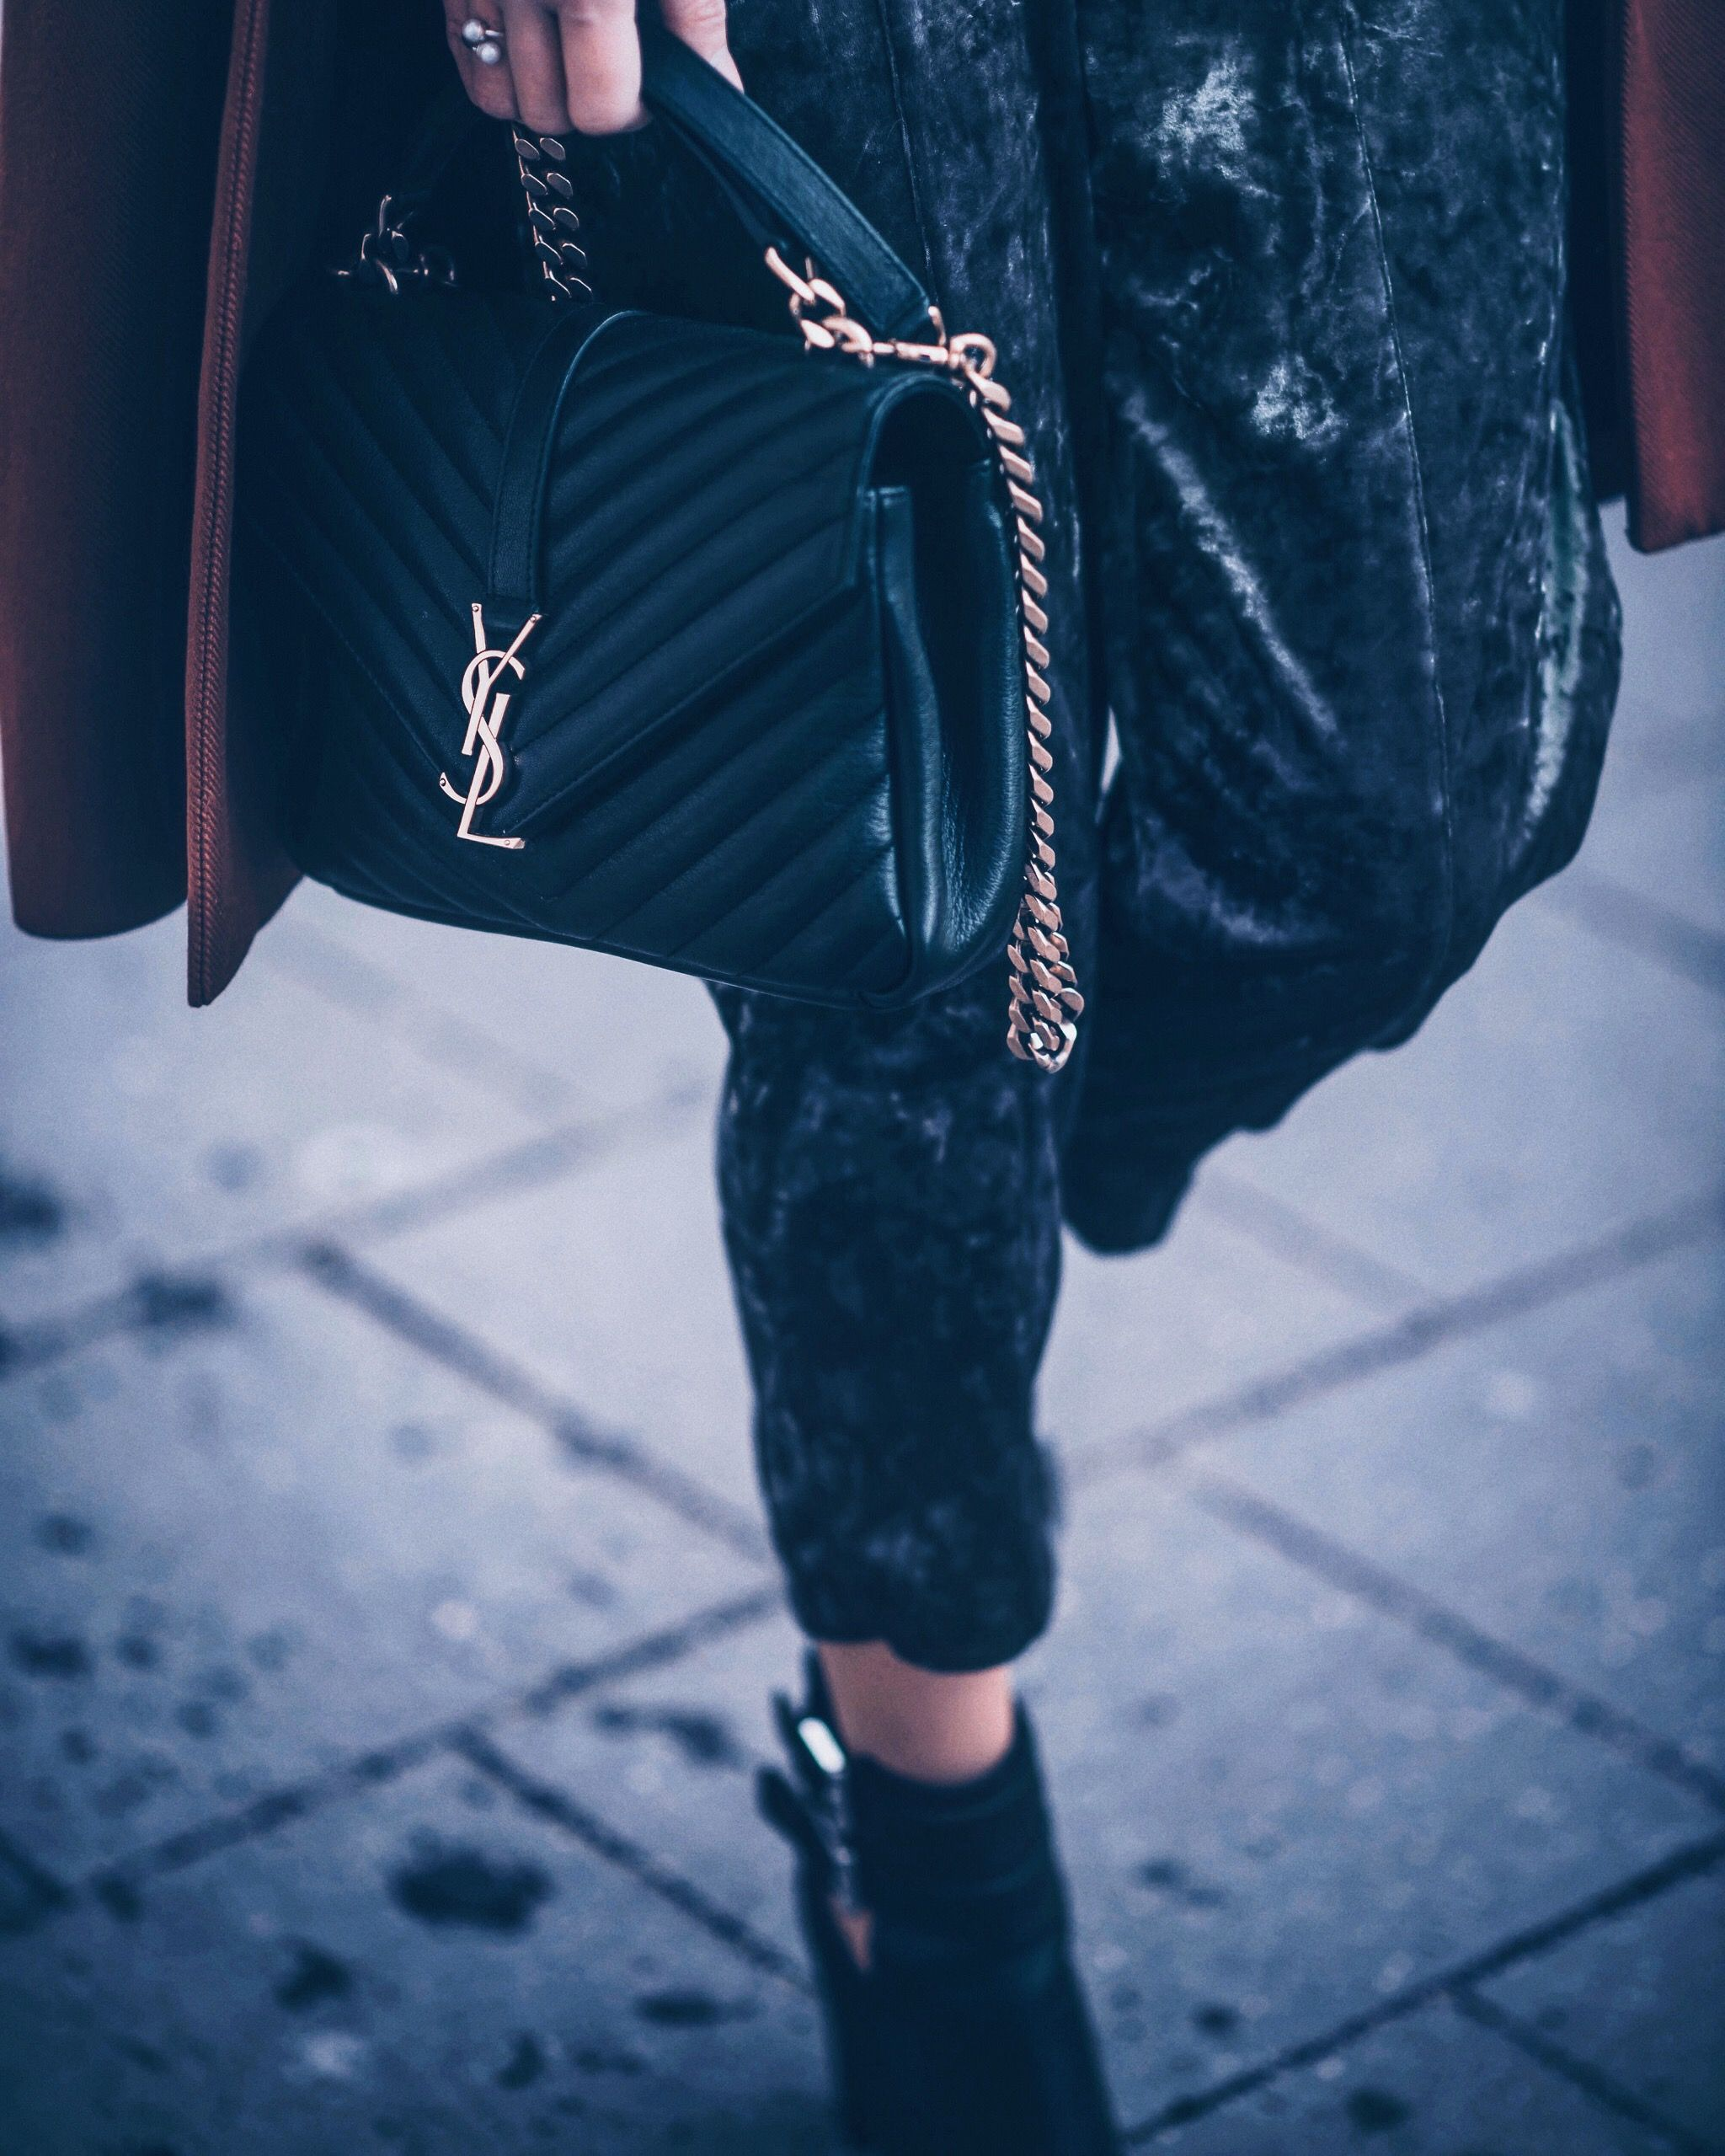 Tasche Tweed SHEIN Detail Stricken Kette Highstreet Schwarz hQdsrt